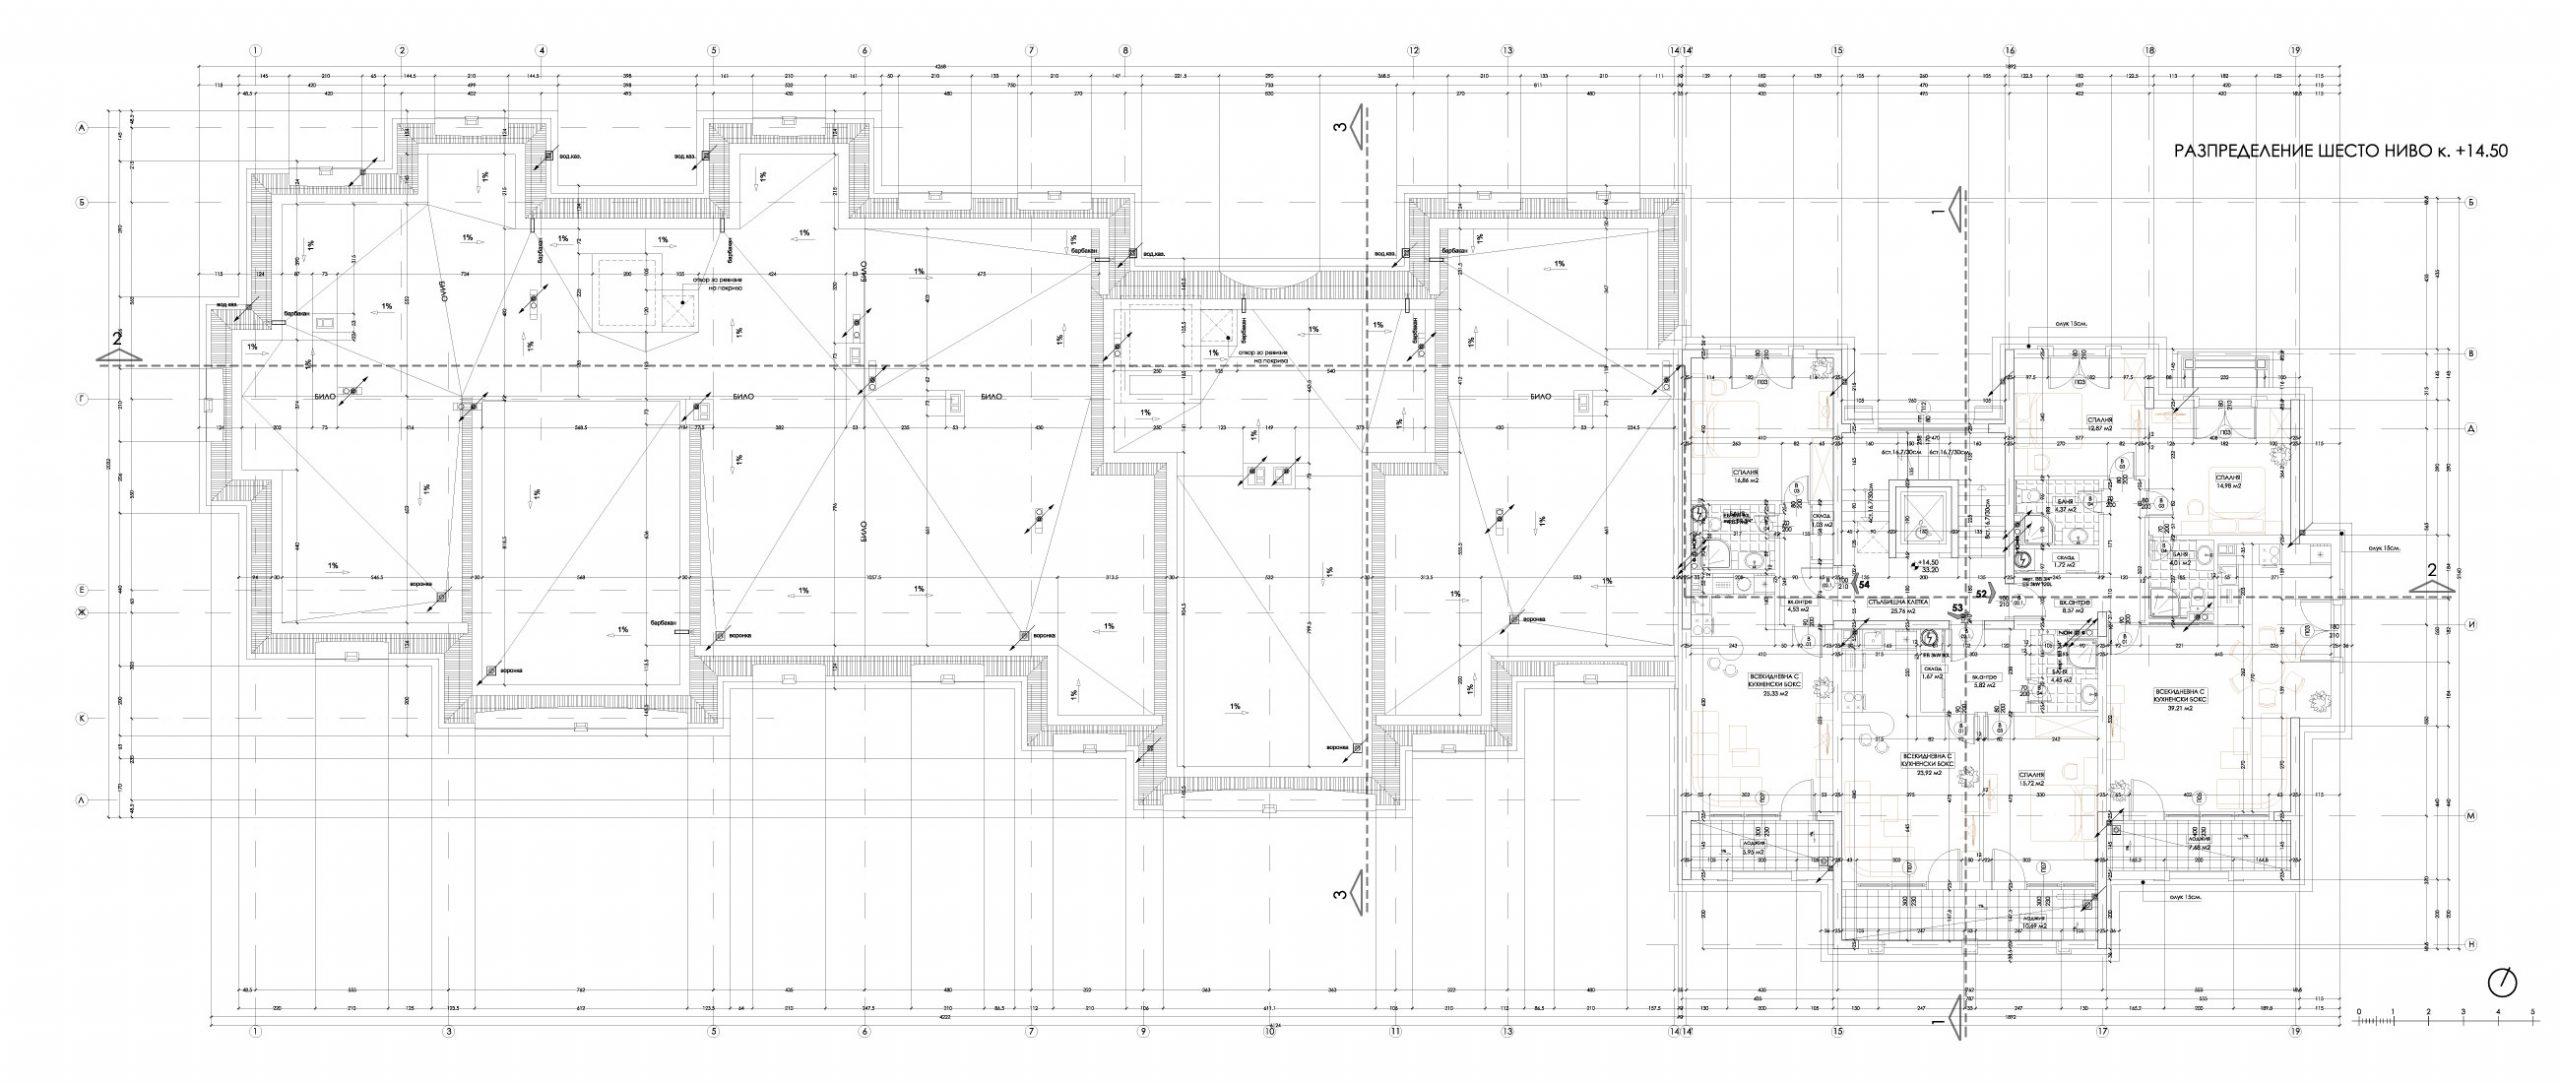 Carpe Vita, building 2, floor 6